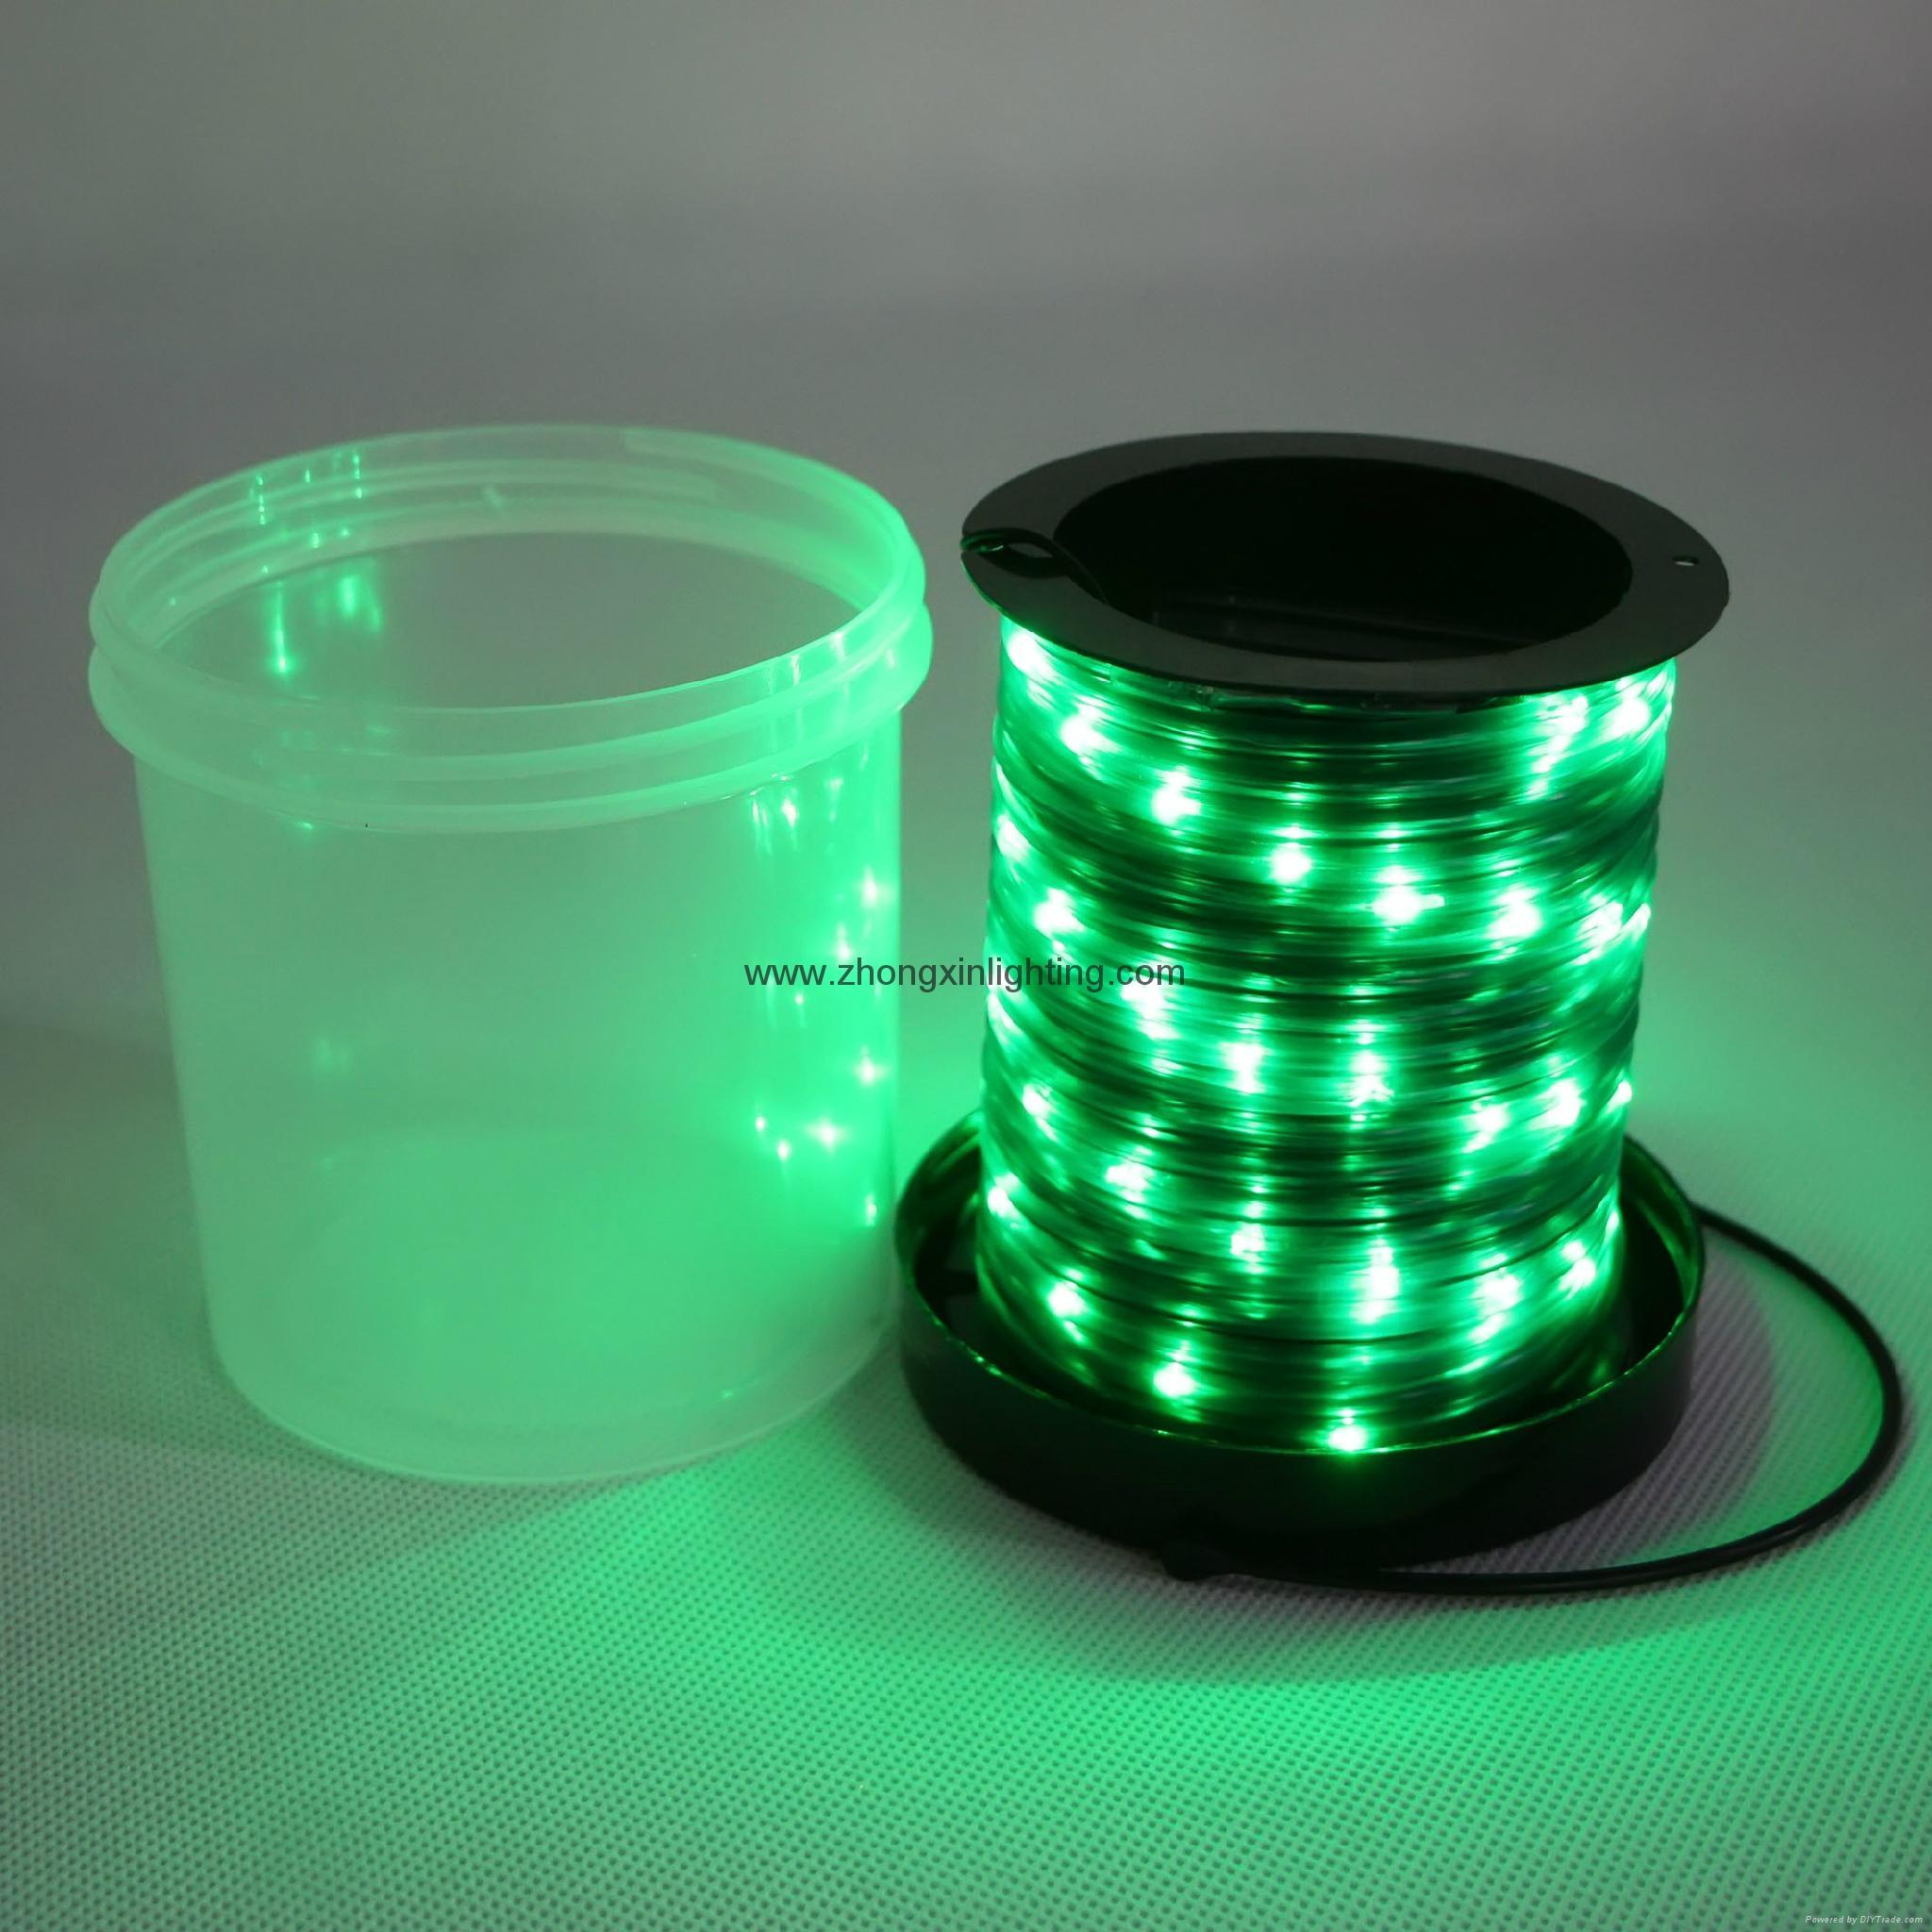 Christmas Decoration Light-BO 67 Miro Mini Green LED Rope Light 2